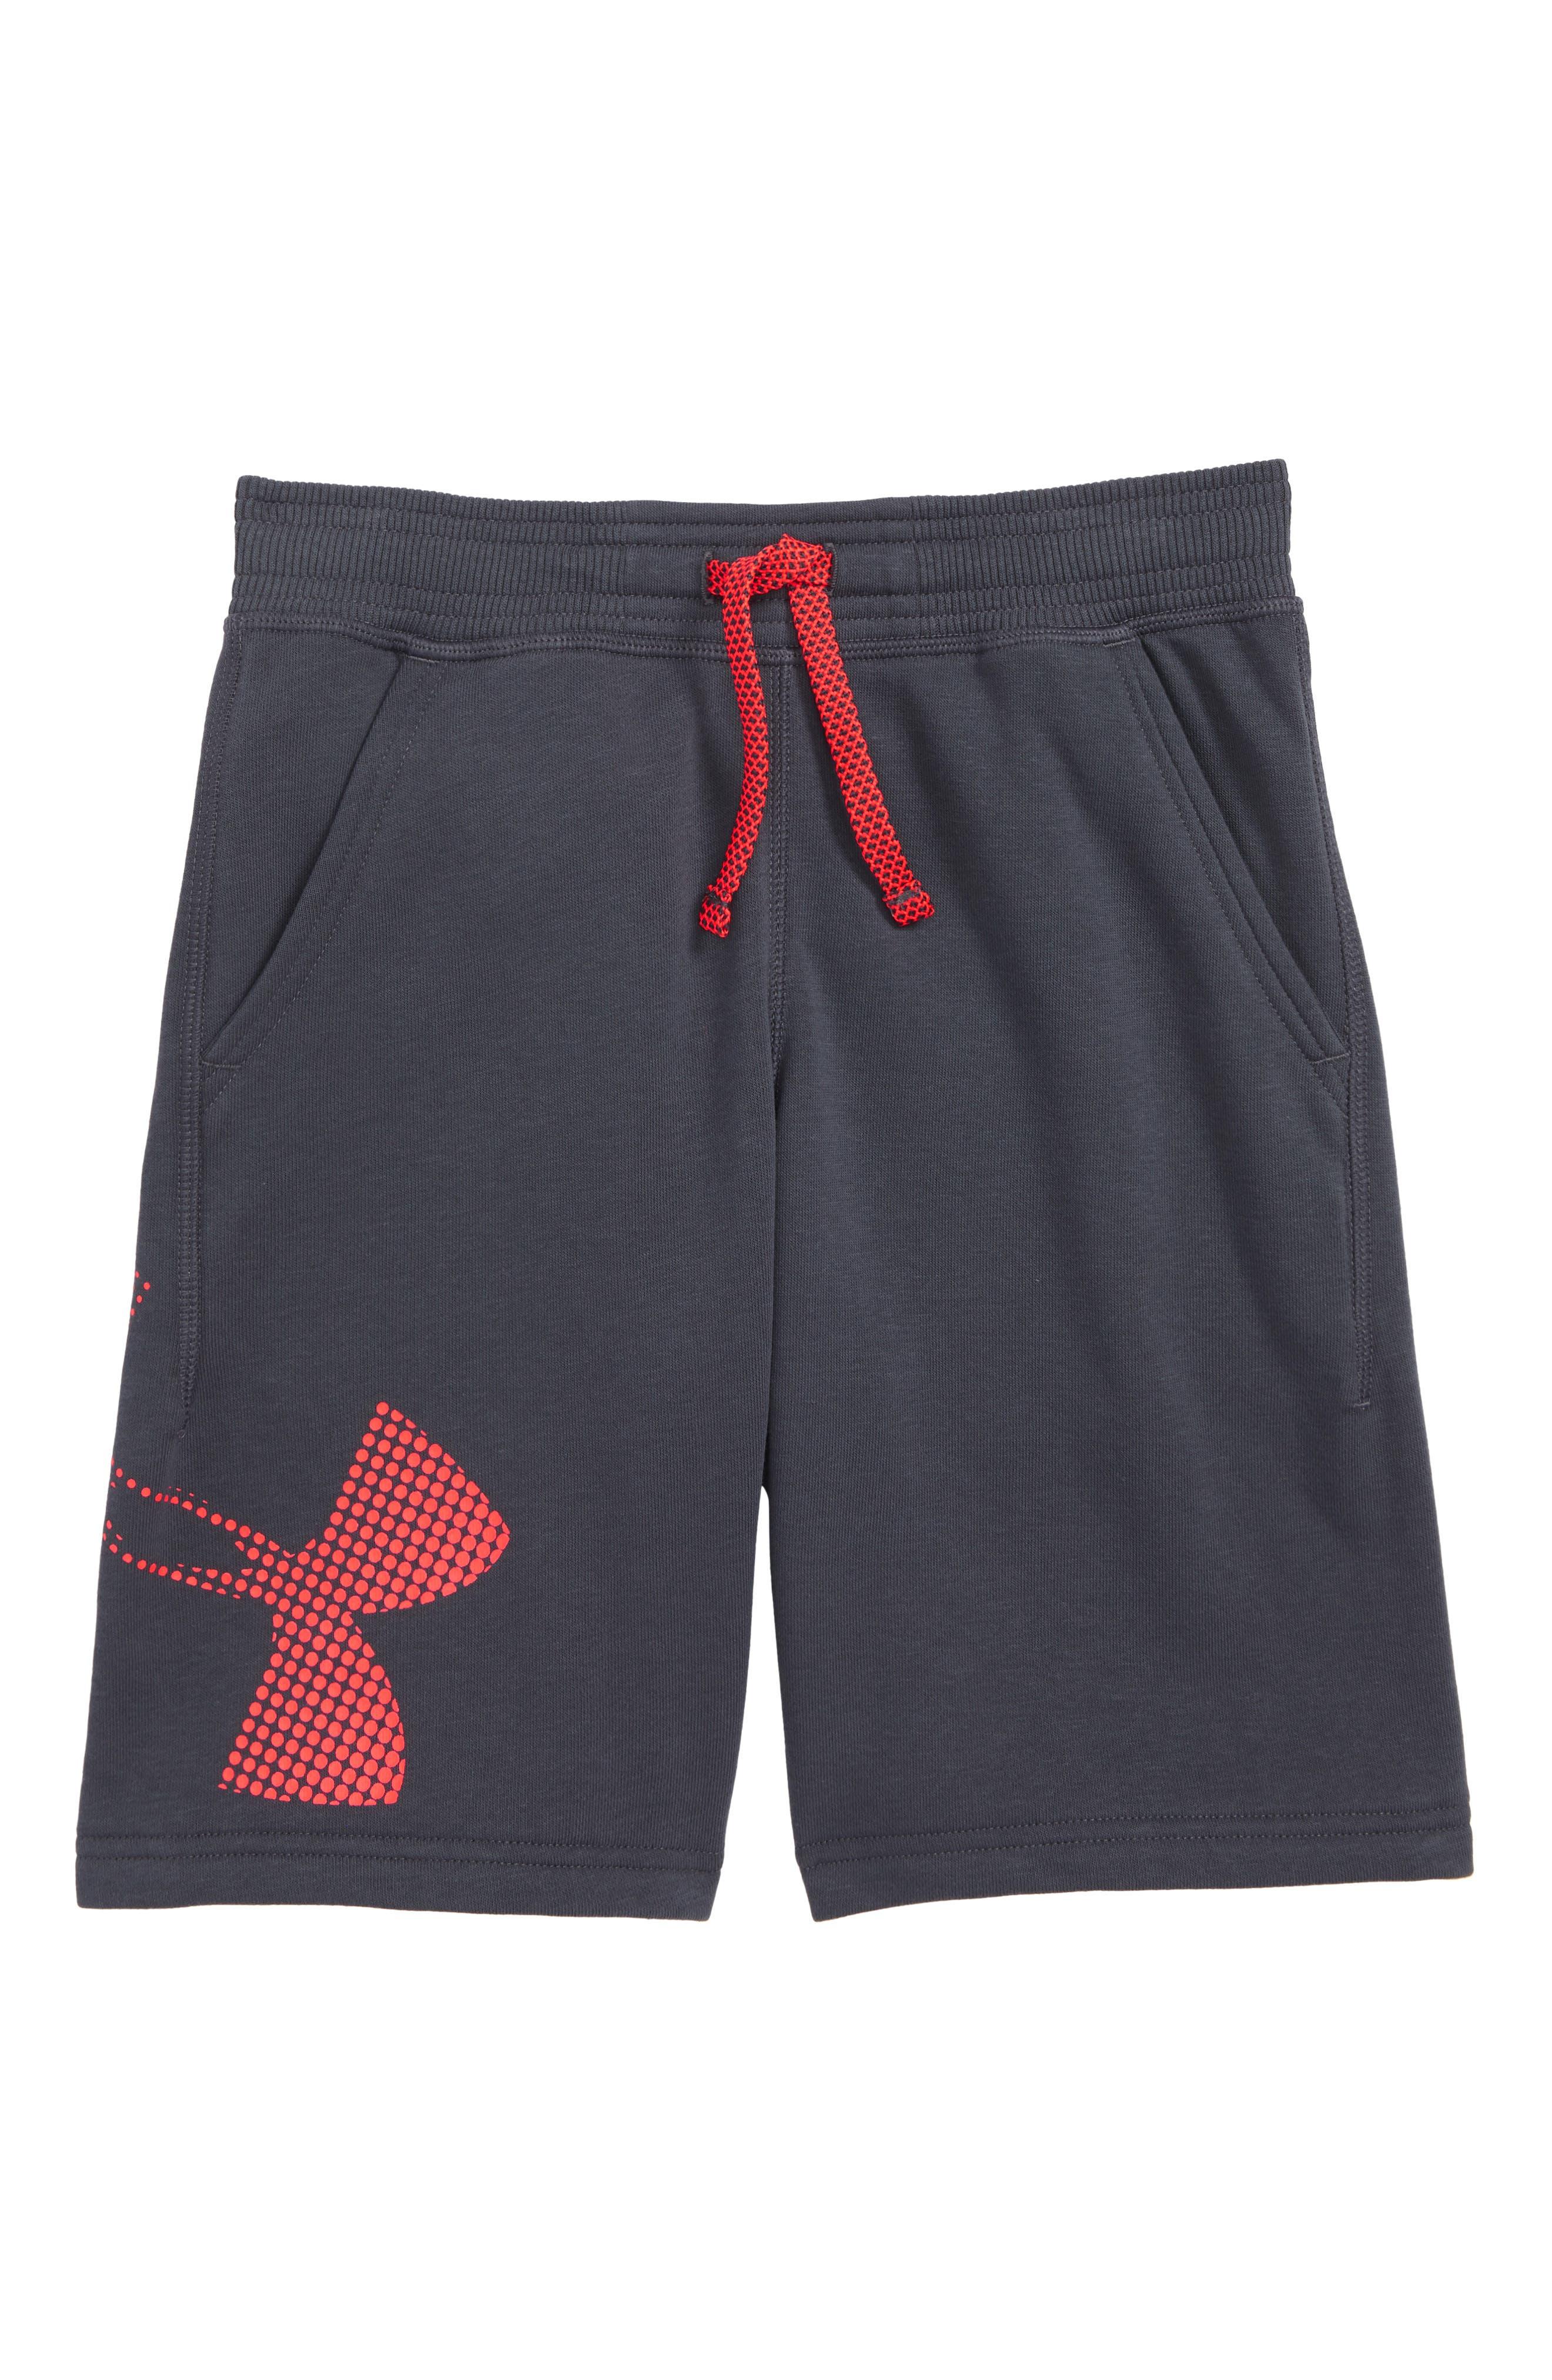 Graphic Knit Shorts,                             Main thumbnail 2, color,